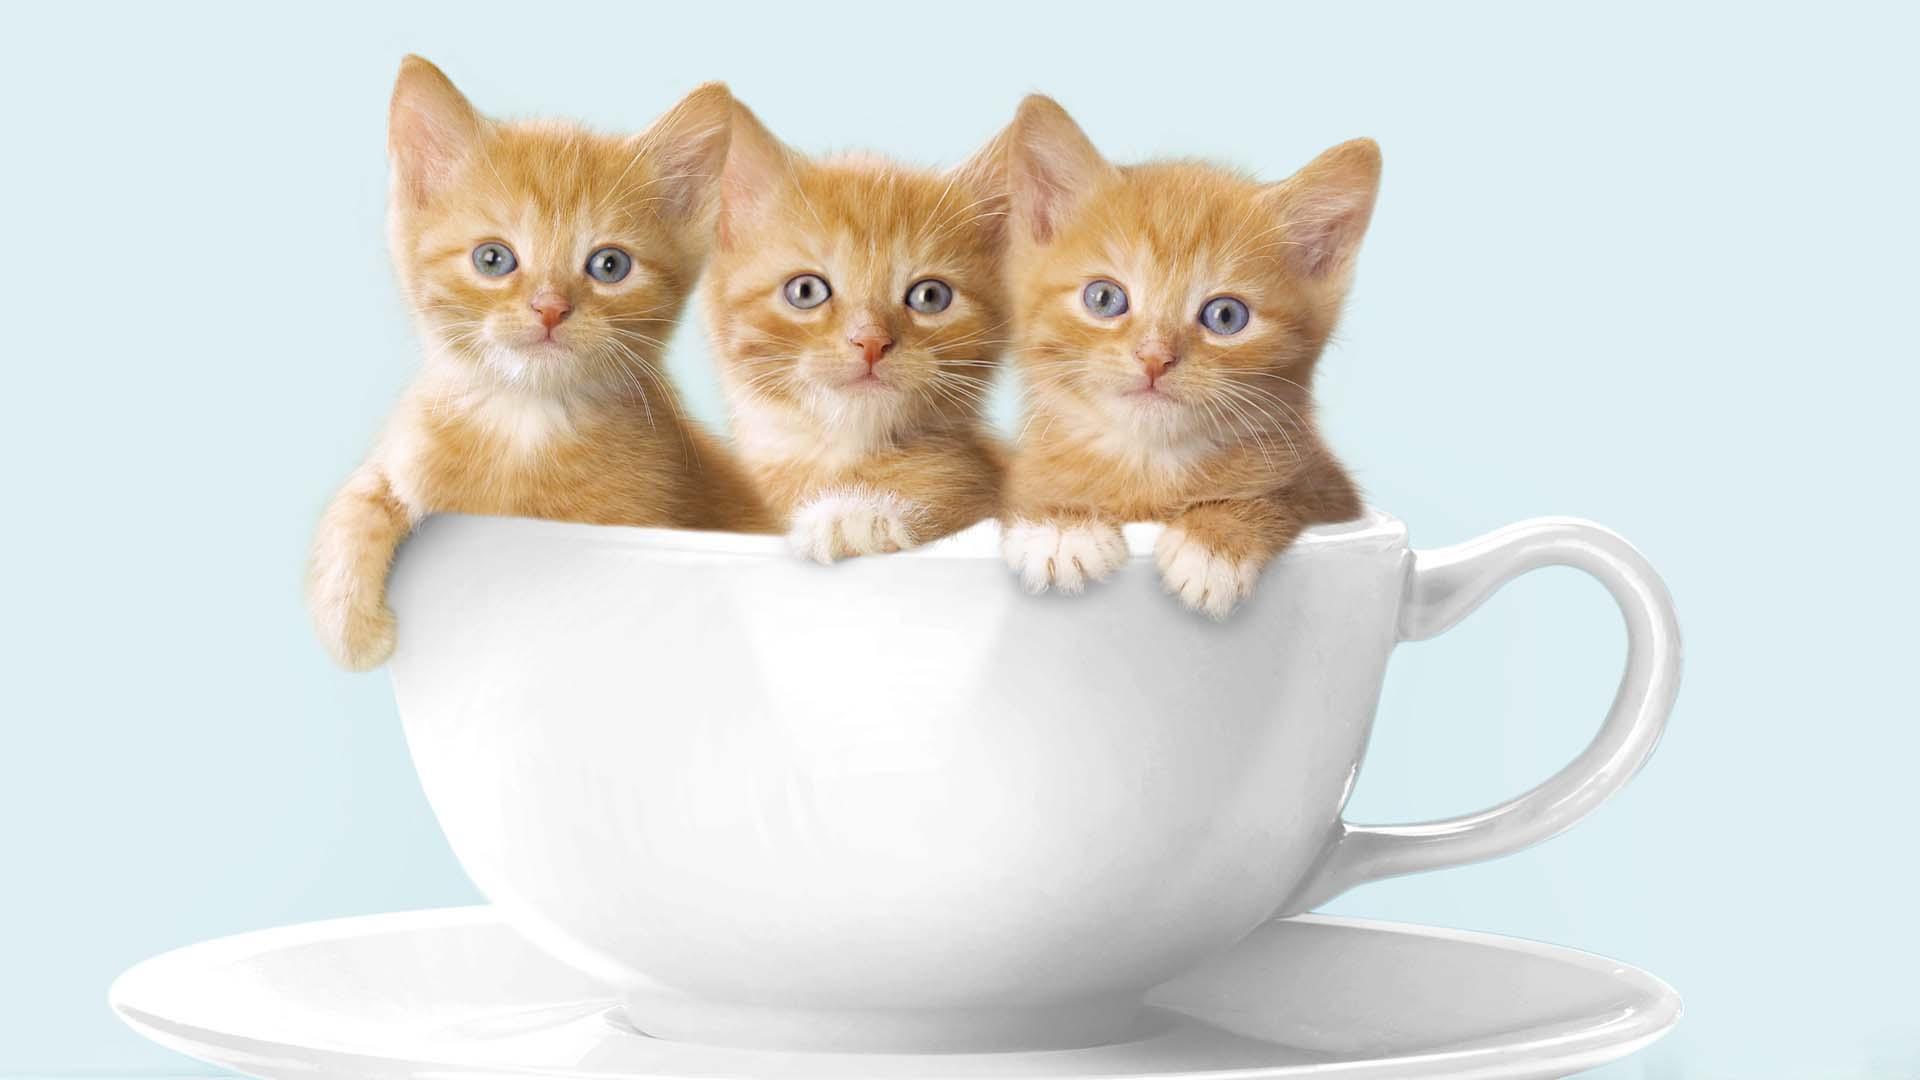 Hình nền những chú mèo đáng yêu cho máy tính